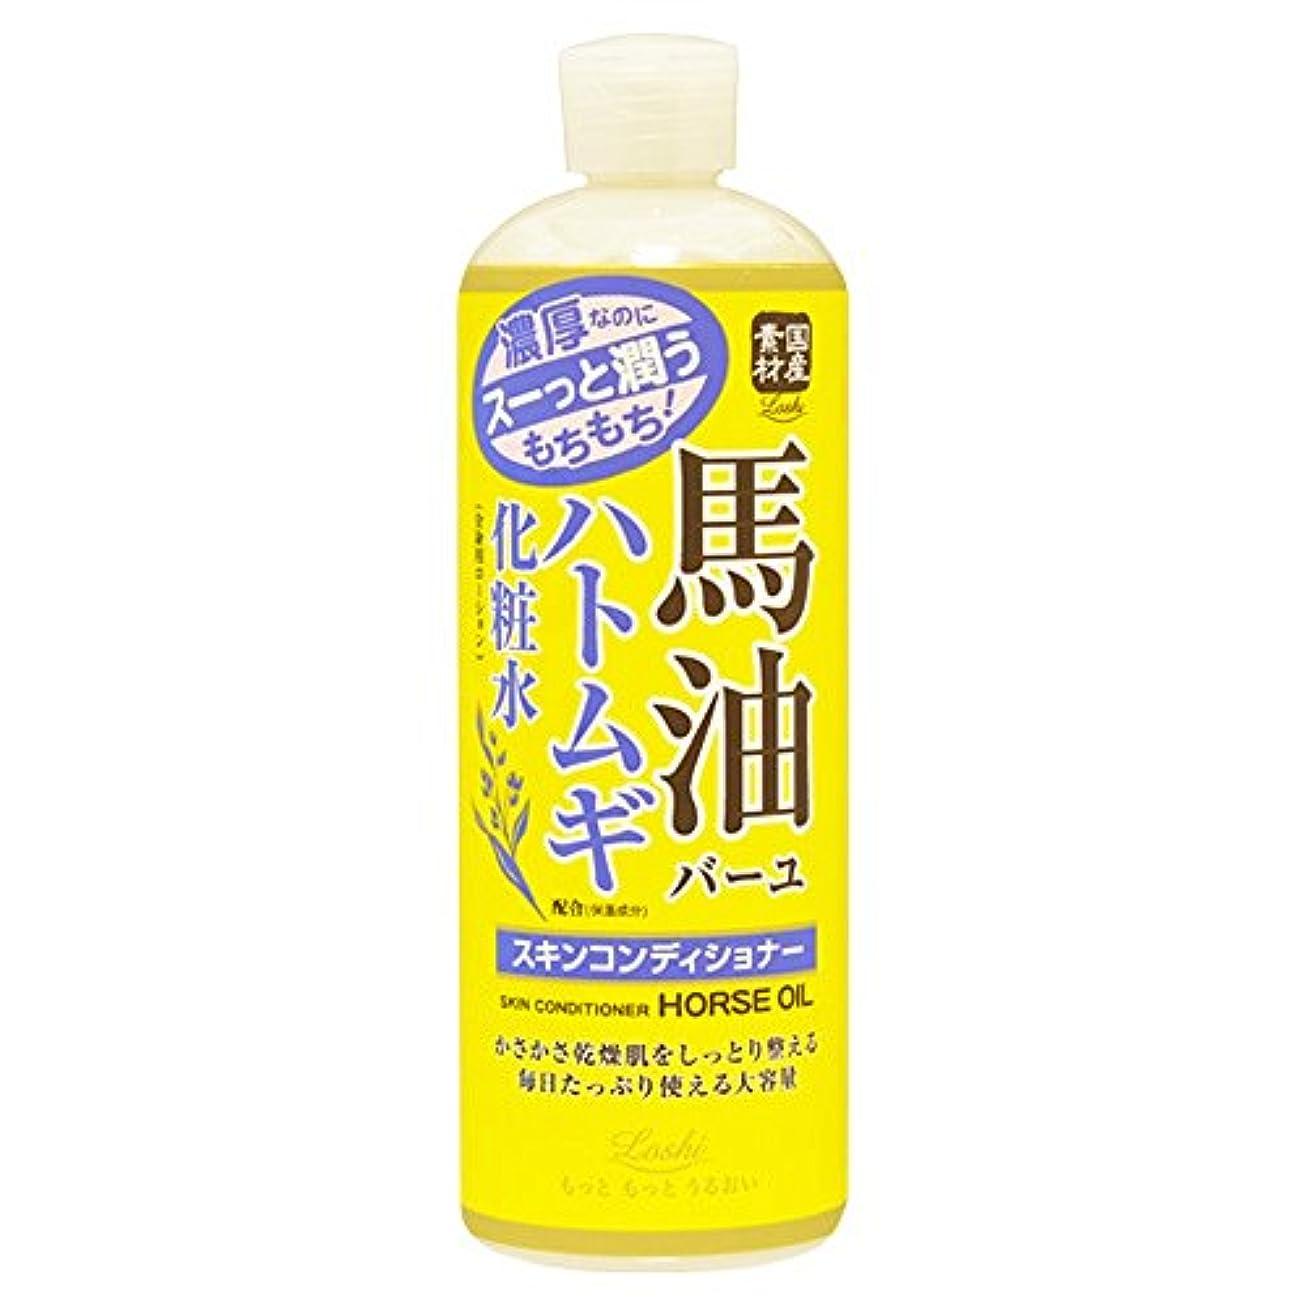 ロッシモイストエイド スキンコンディショナー 馬油&ハトムギ 500ml (化粧水 ローション 高保湿)